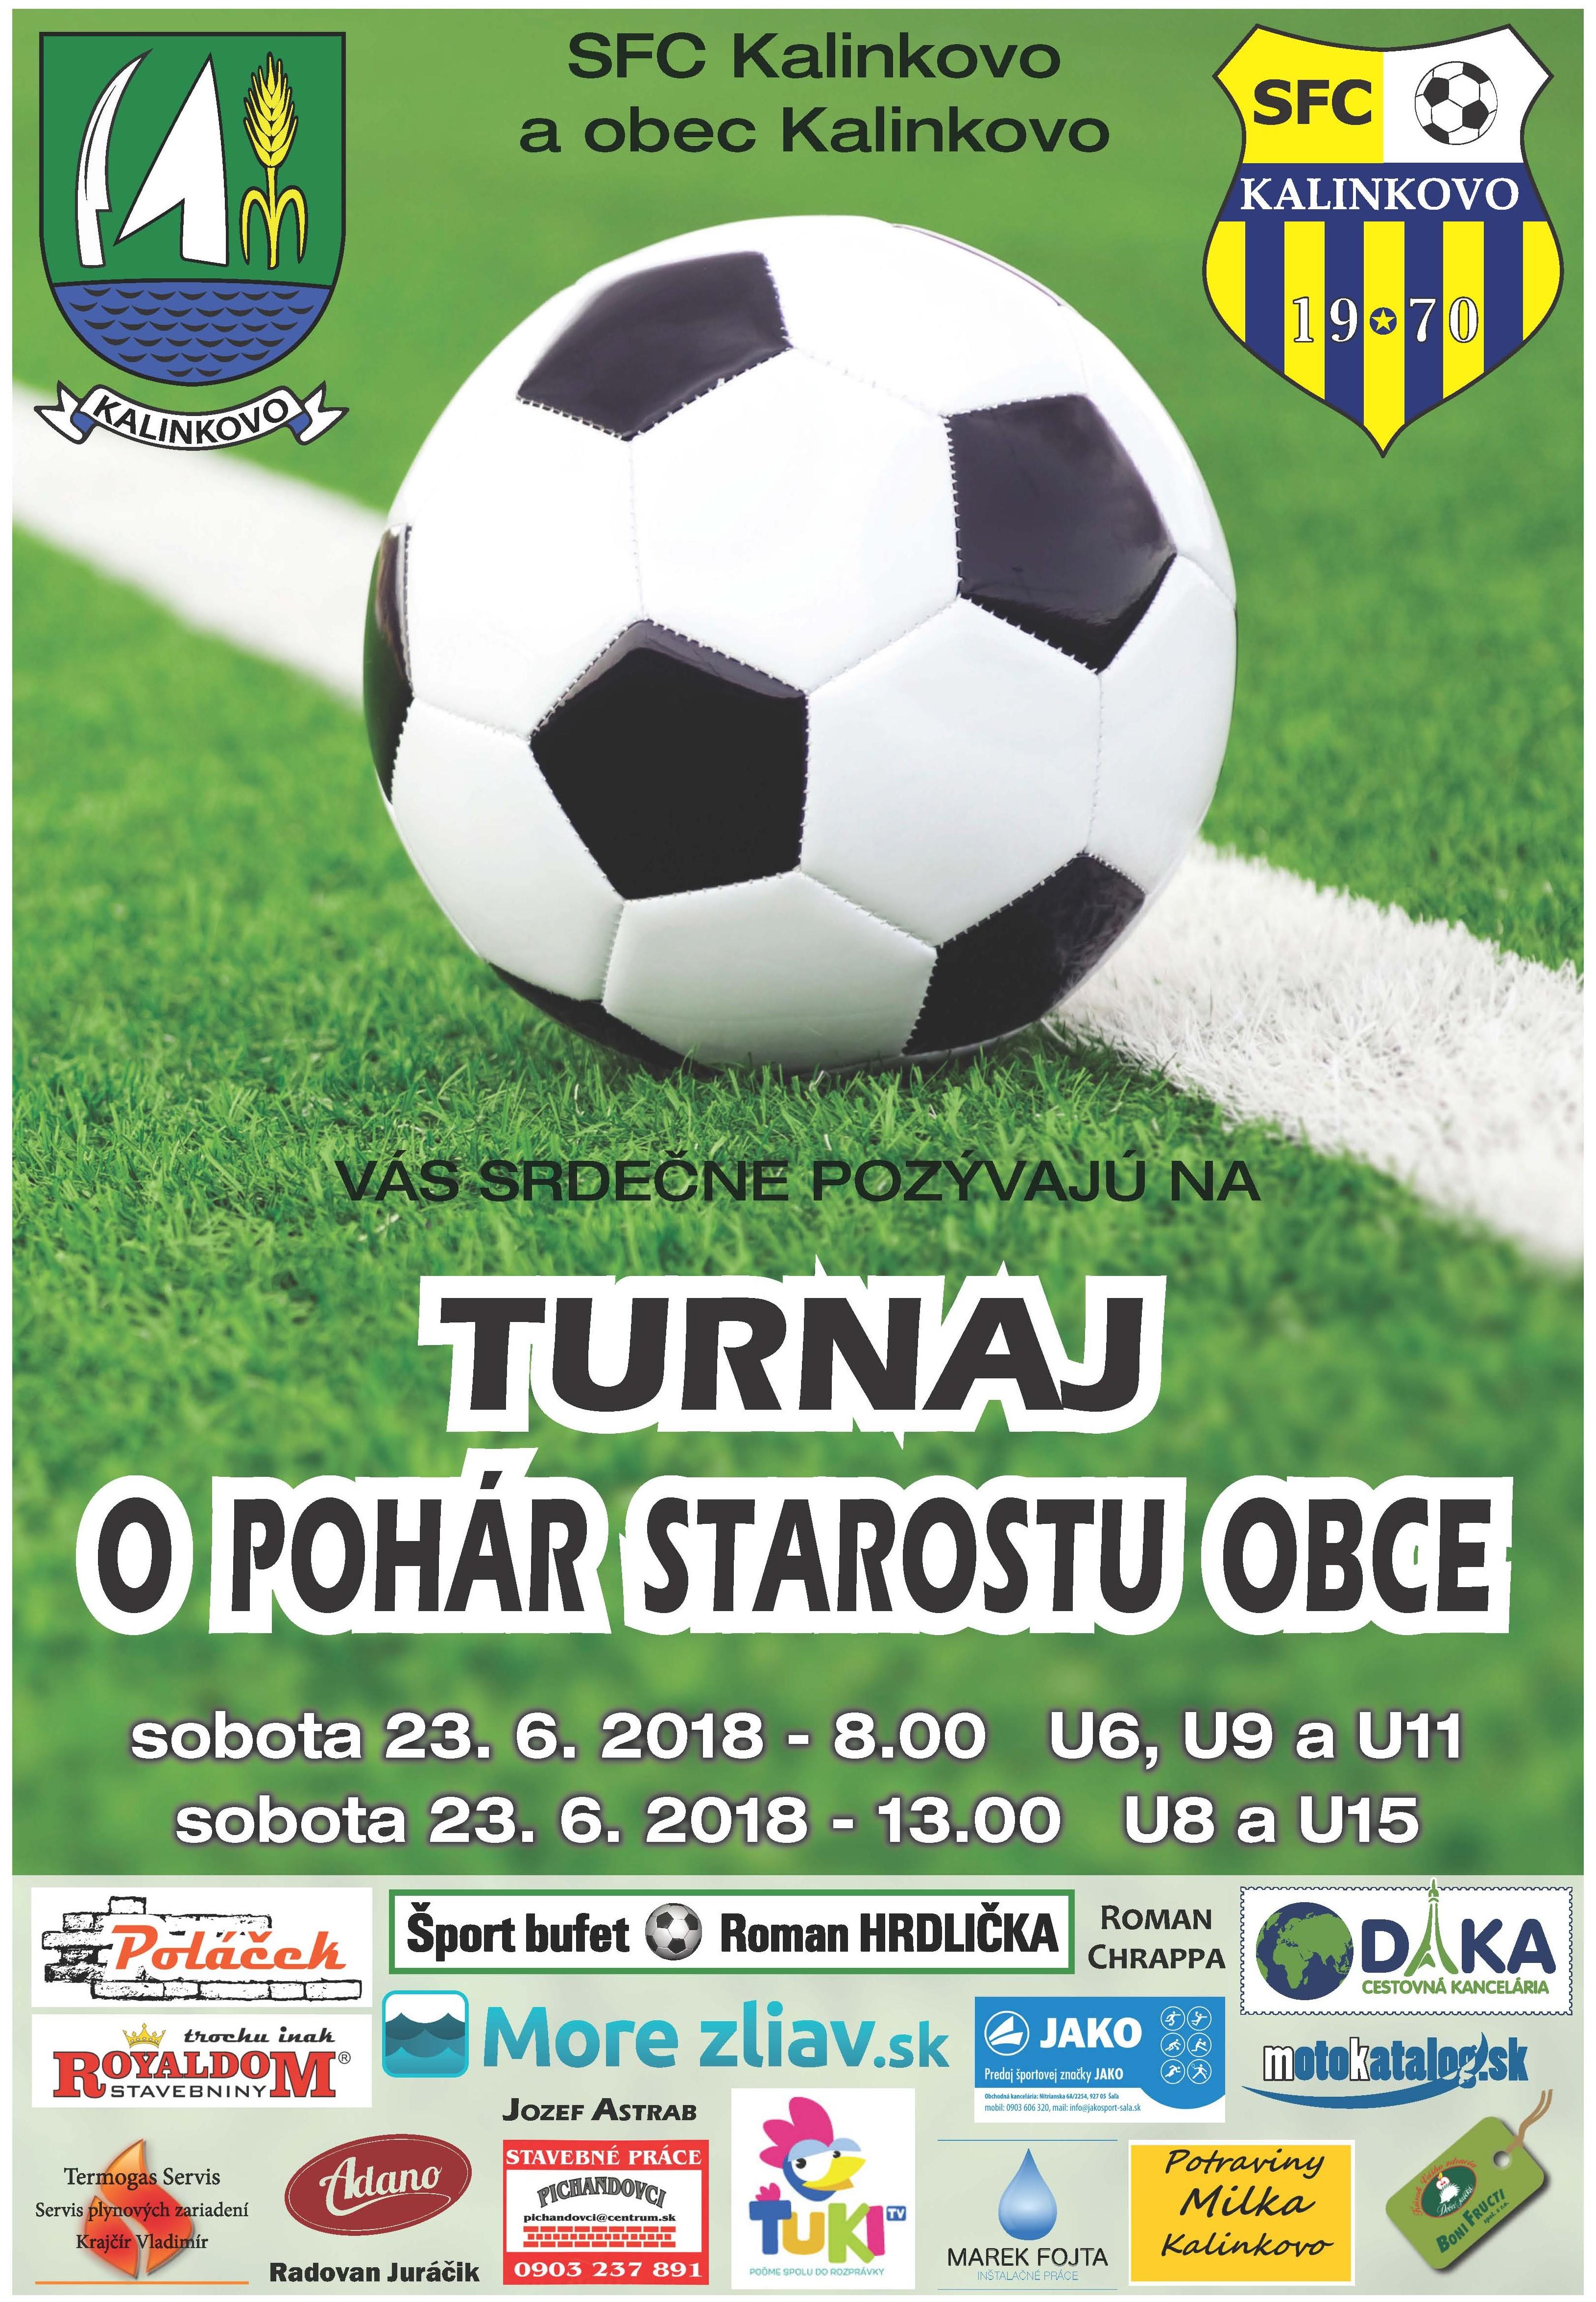 Mládežnícky turnaj o pohár starostu obce Kalinkovo - 23. 6. 2018 (sobota)